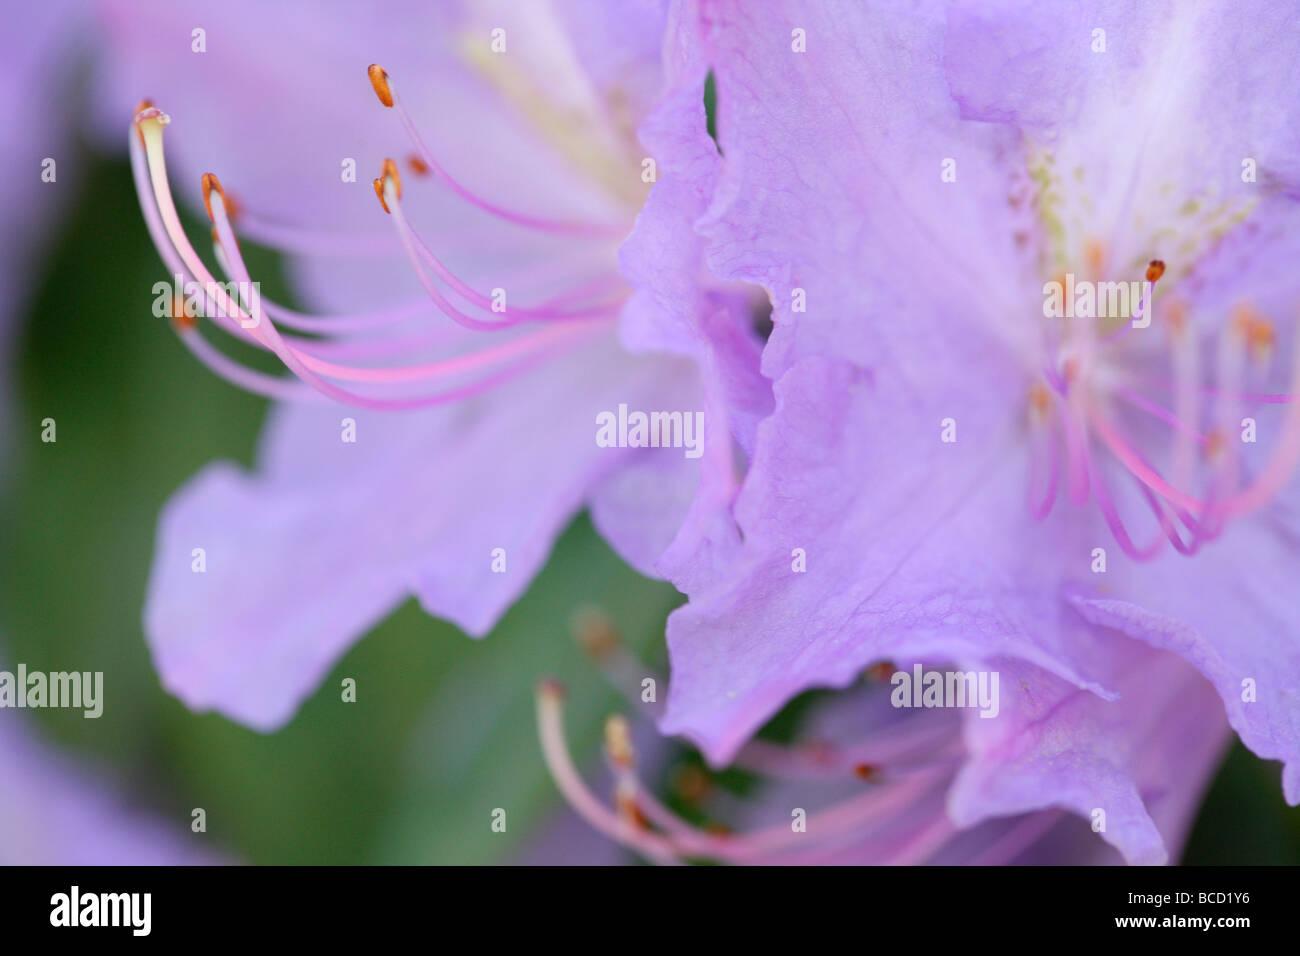 Hermosas flores de color suave y elegante etéreo azaleas fotografía artística Jane Ann Butler Fotografía Imagen De Stock